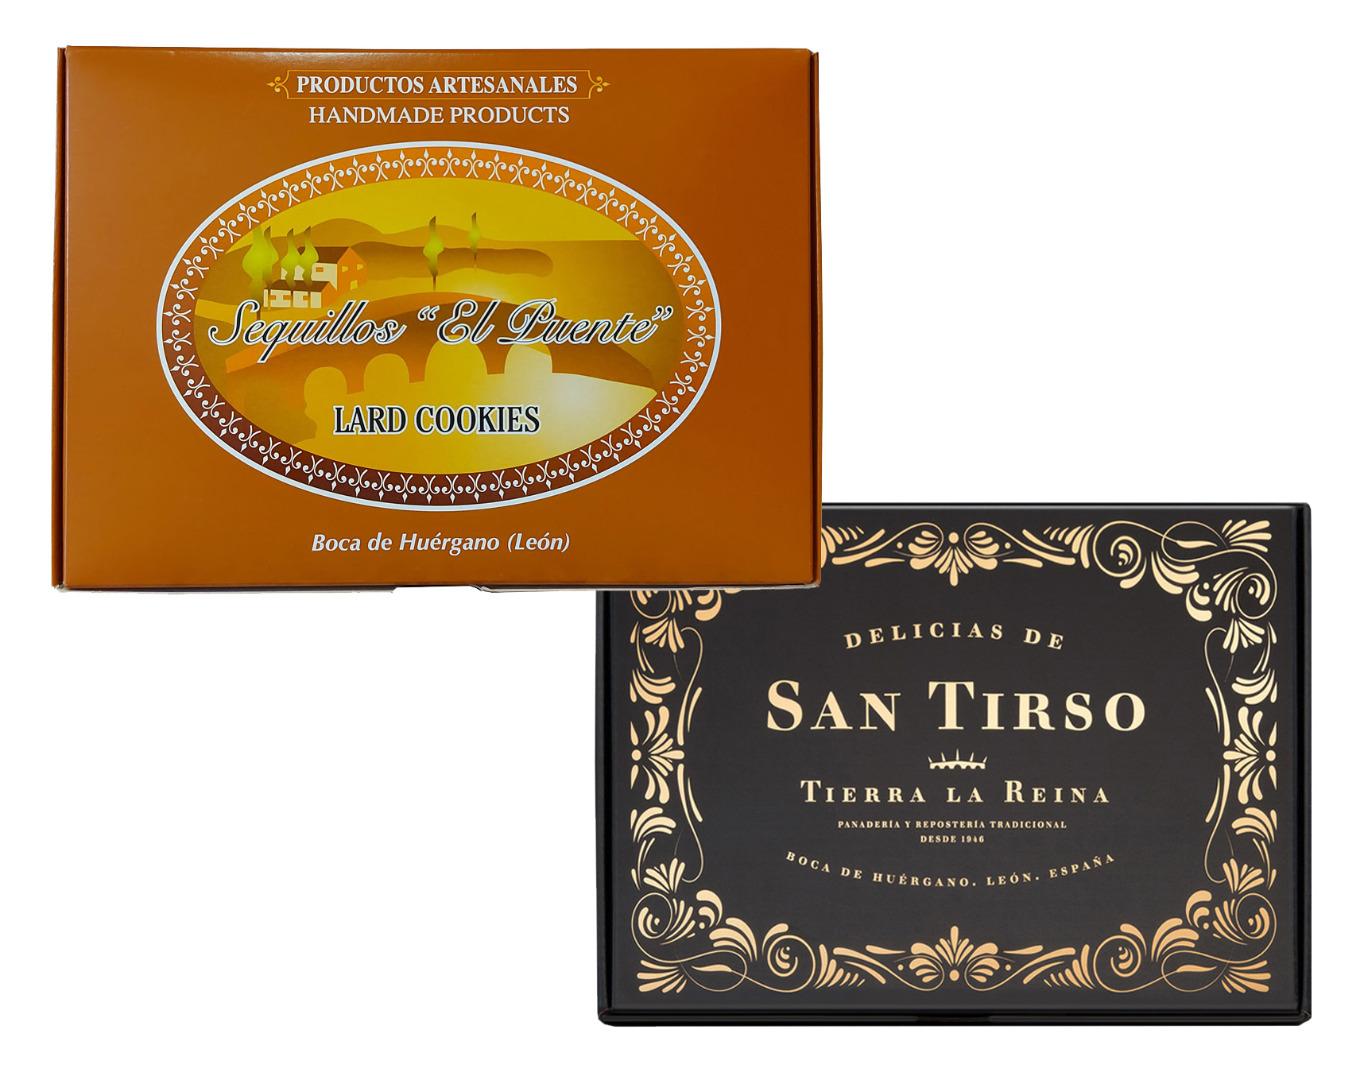 Panadería Tierra La Reina Lot Sequillos + Delights